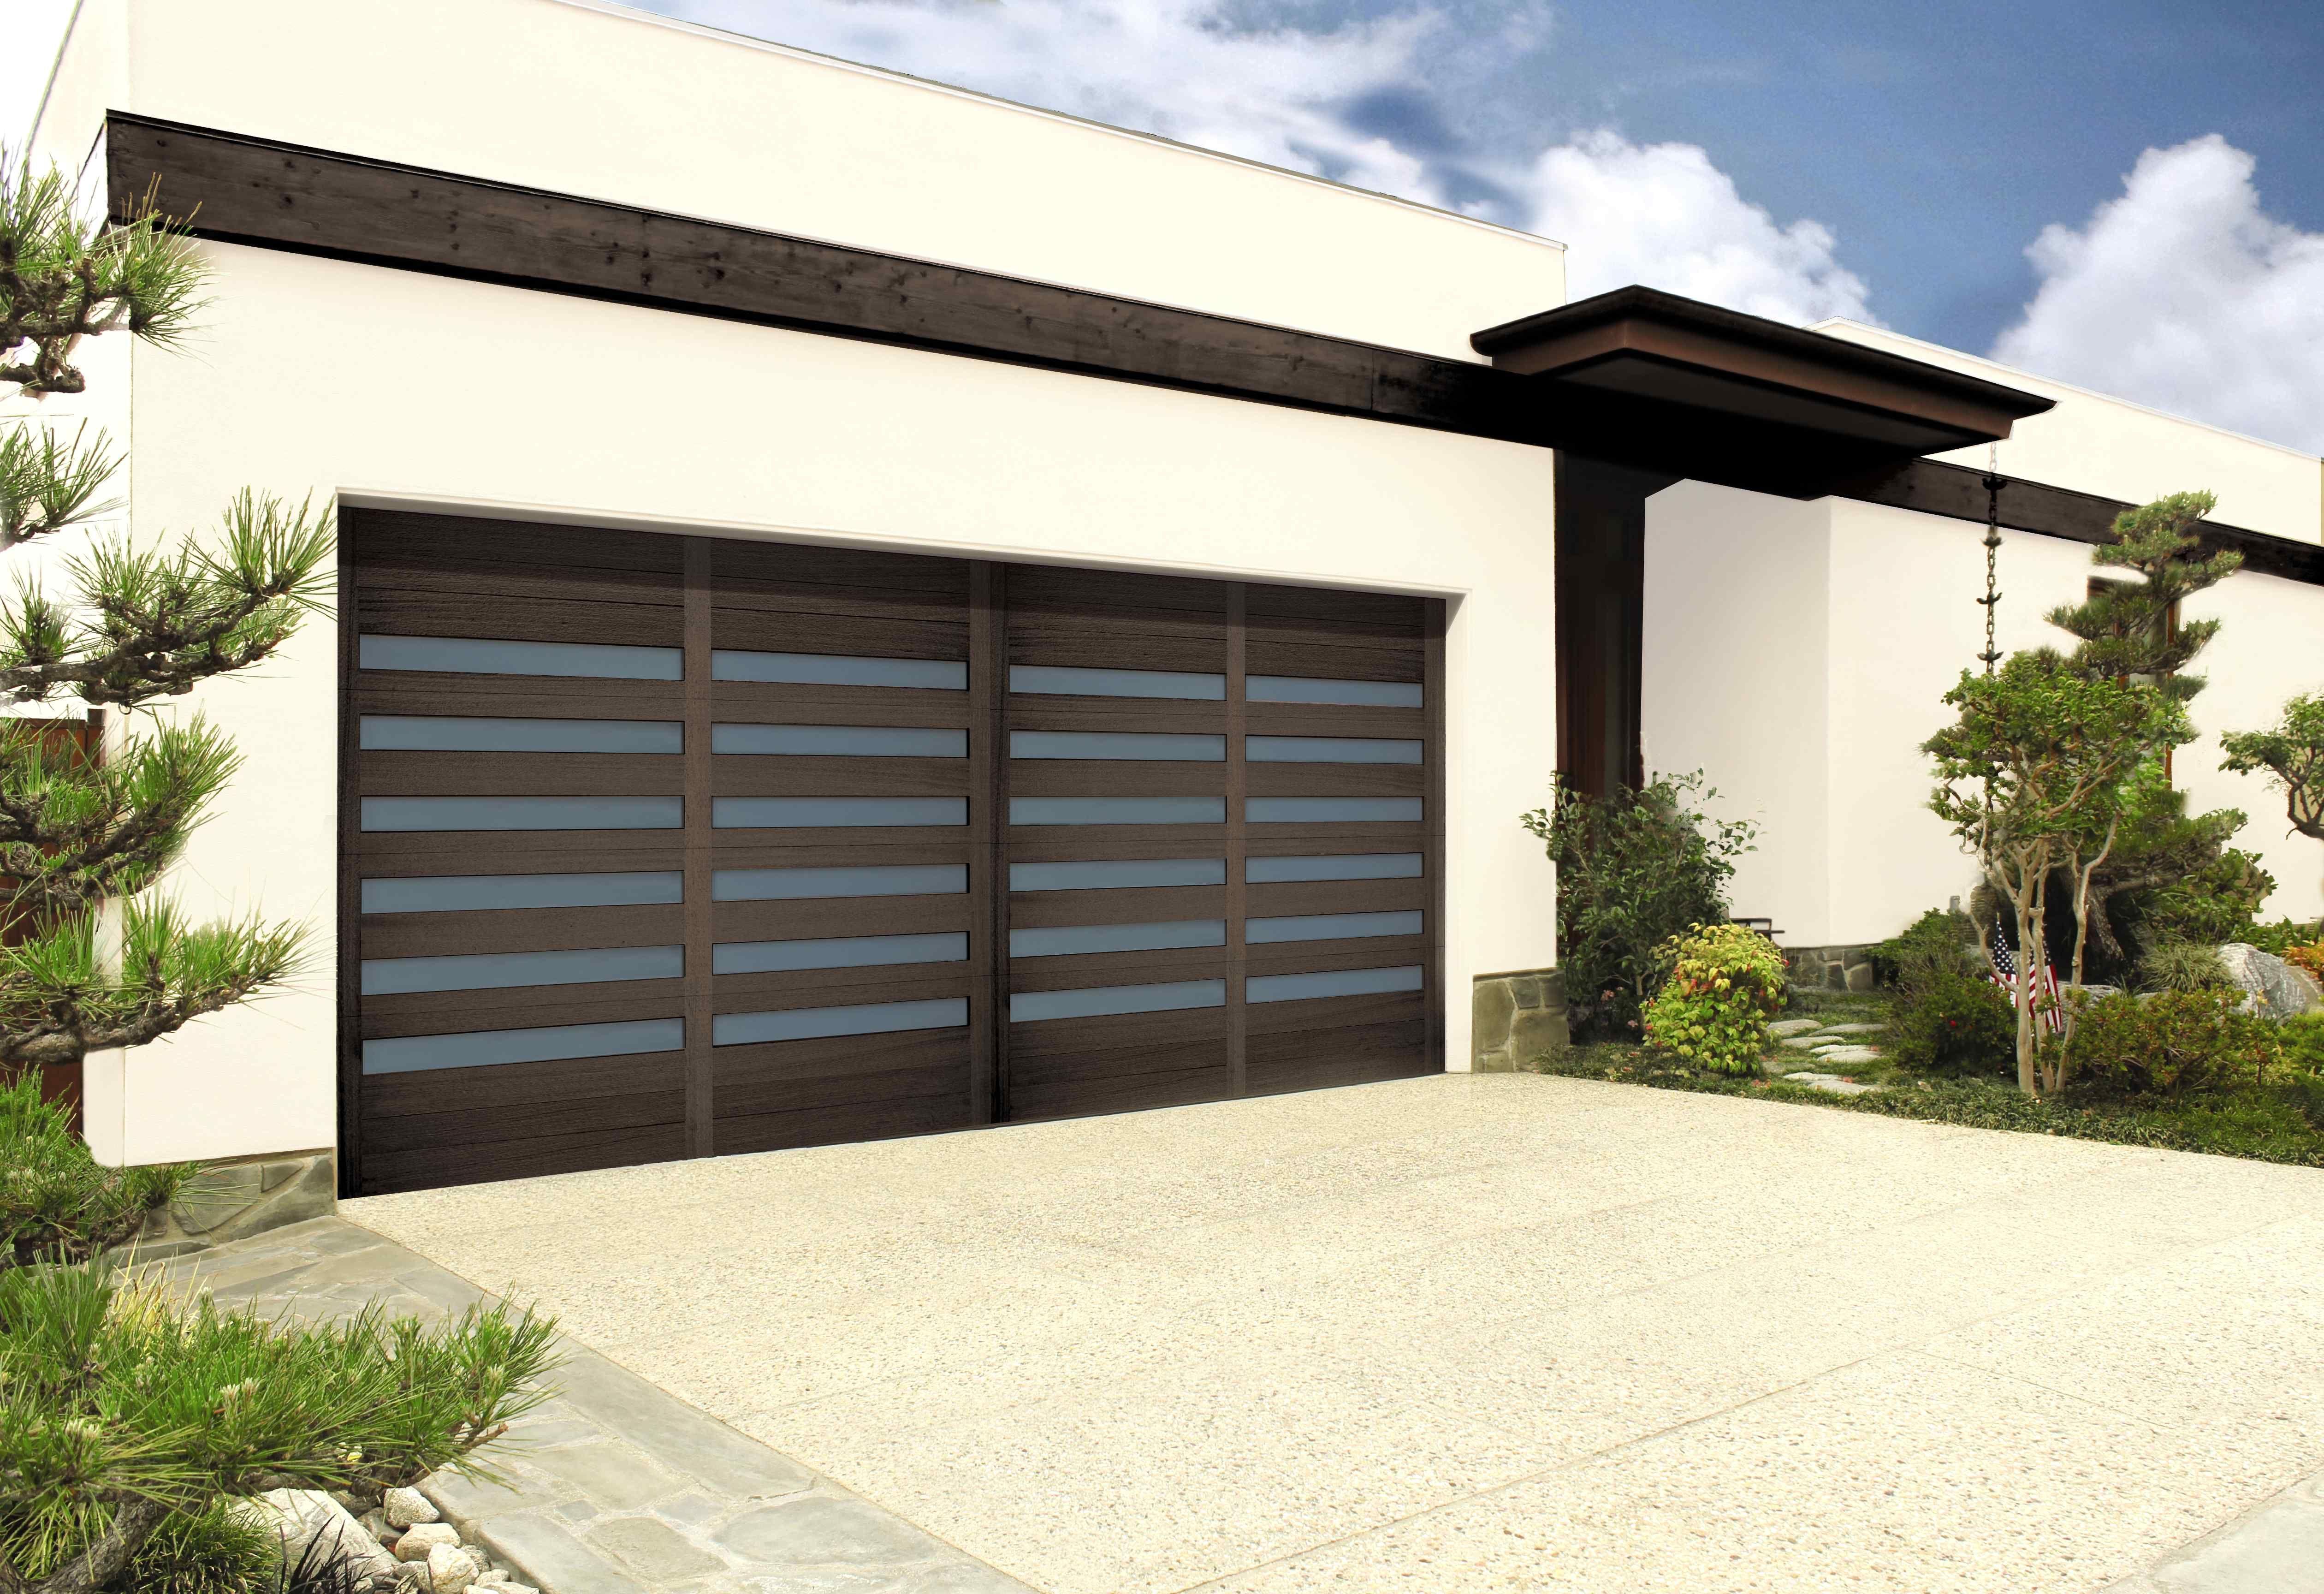 wayne dalton garage doorModern design garage door  Modern  Contemporary Architecture